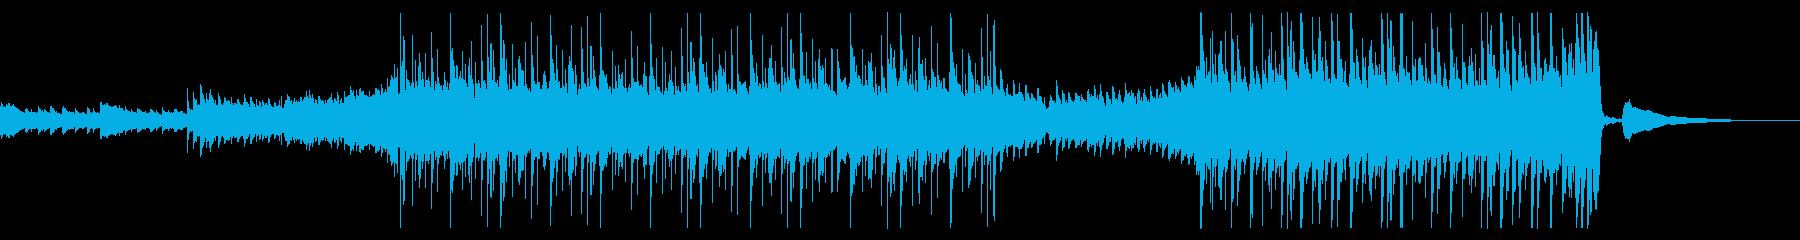 【生演奏】爽やかなアコースティッギター曲の再生済みの波形